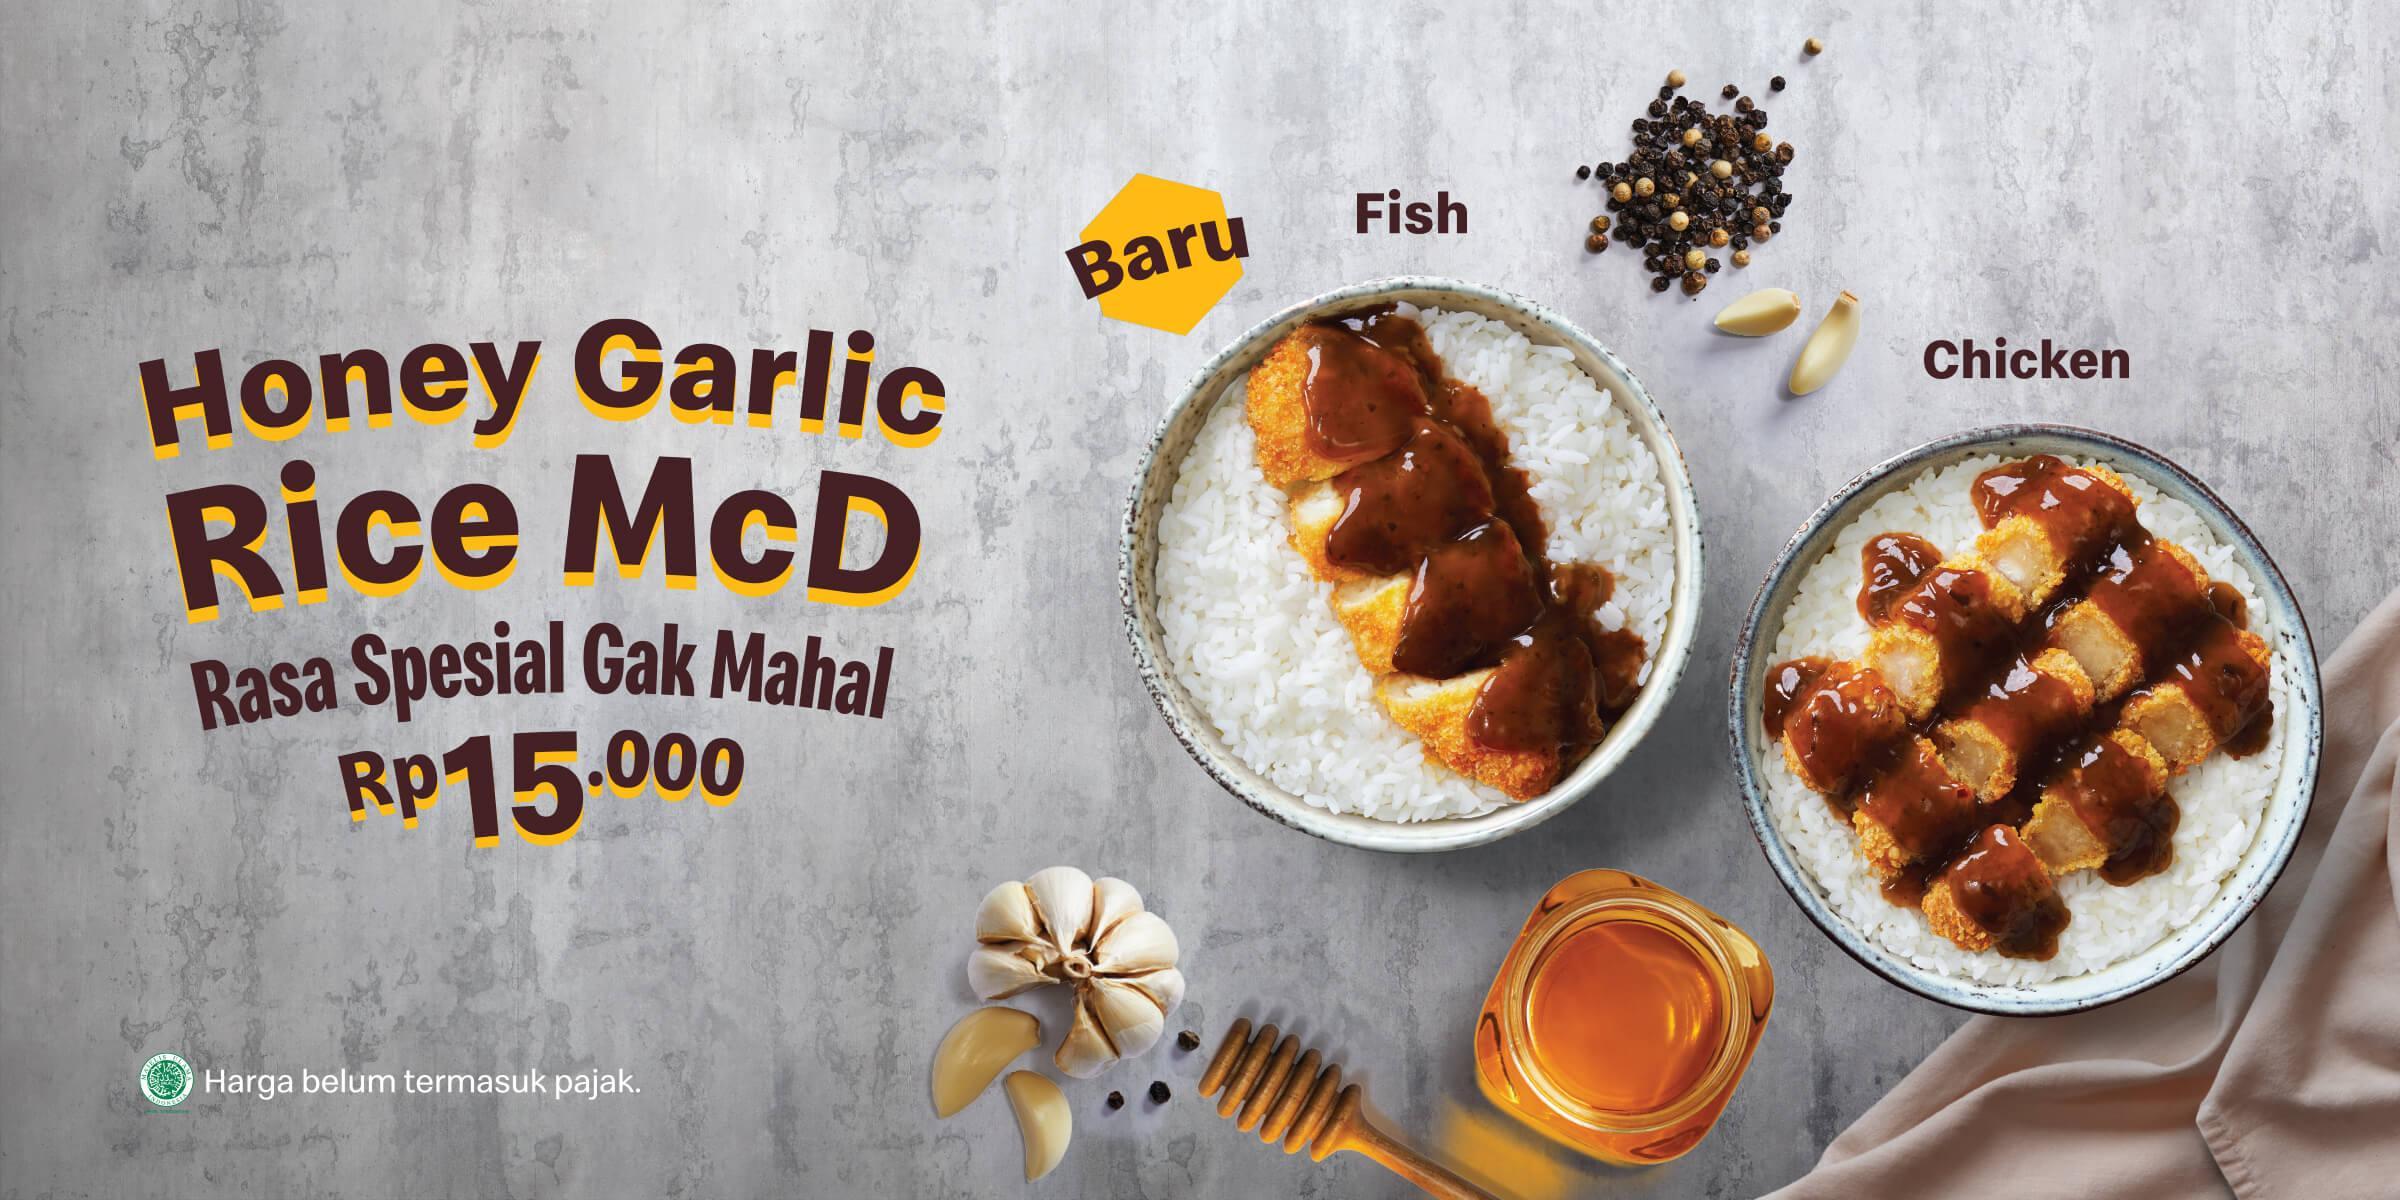 Dapatkan paket nasi dengan tambahan chicken atau fish dengan harga Rp15.000